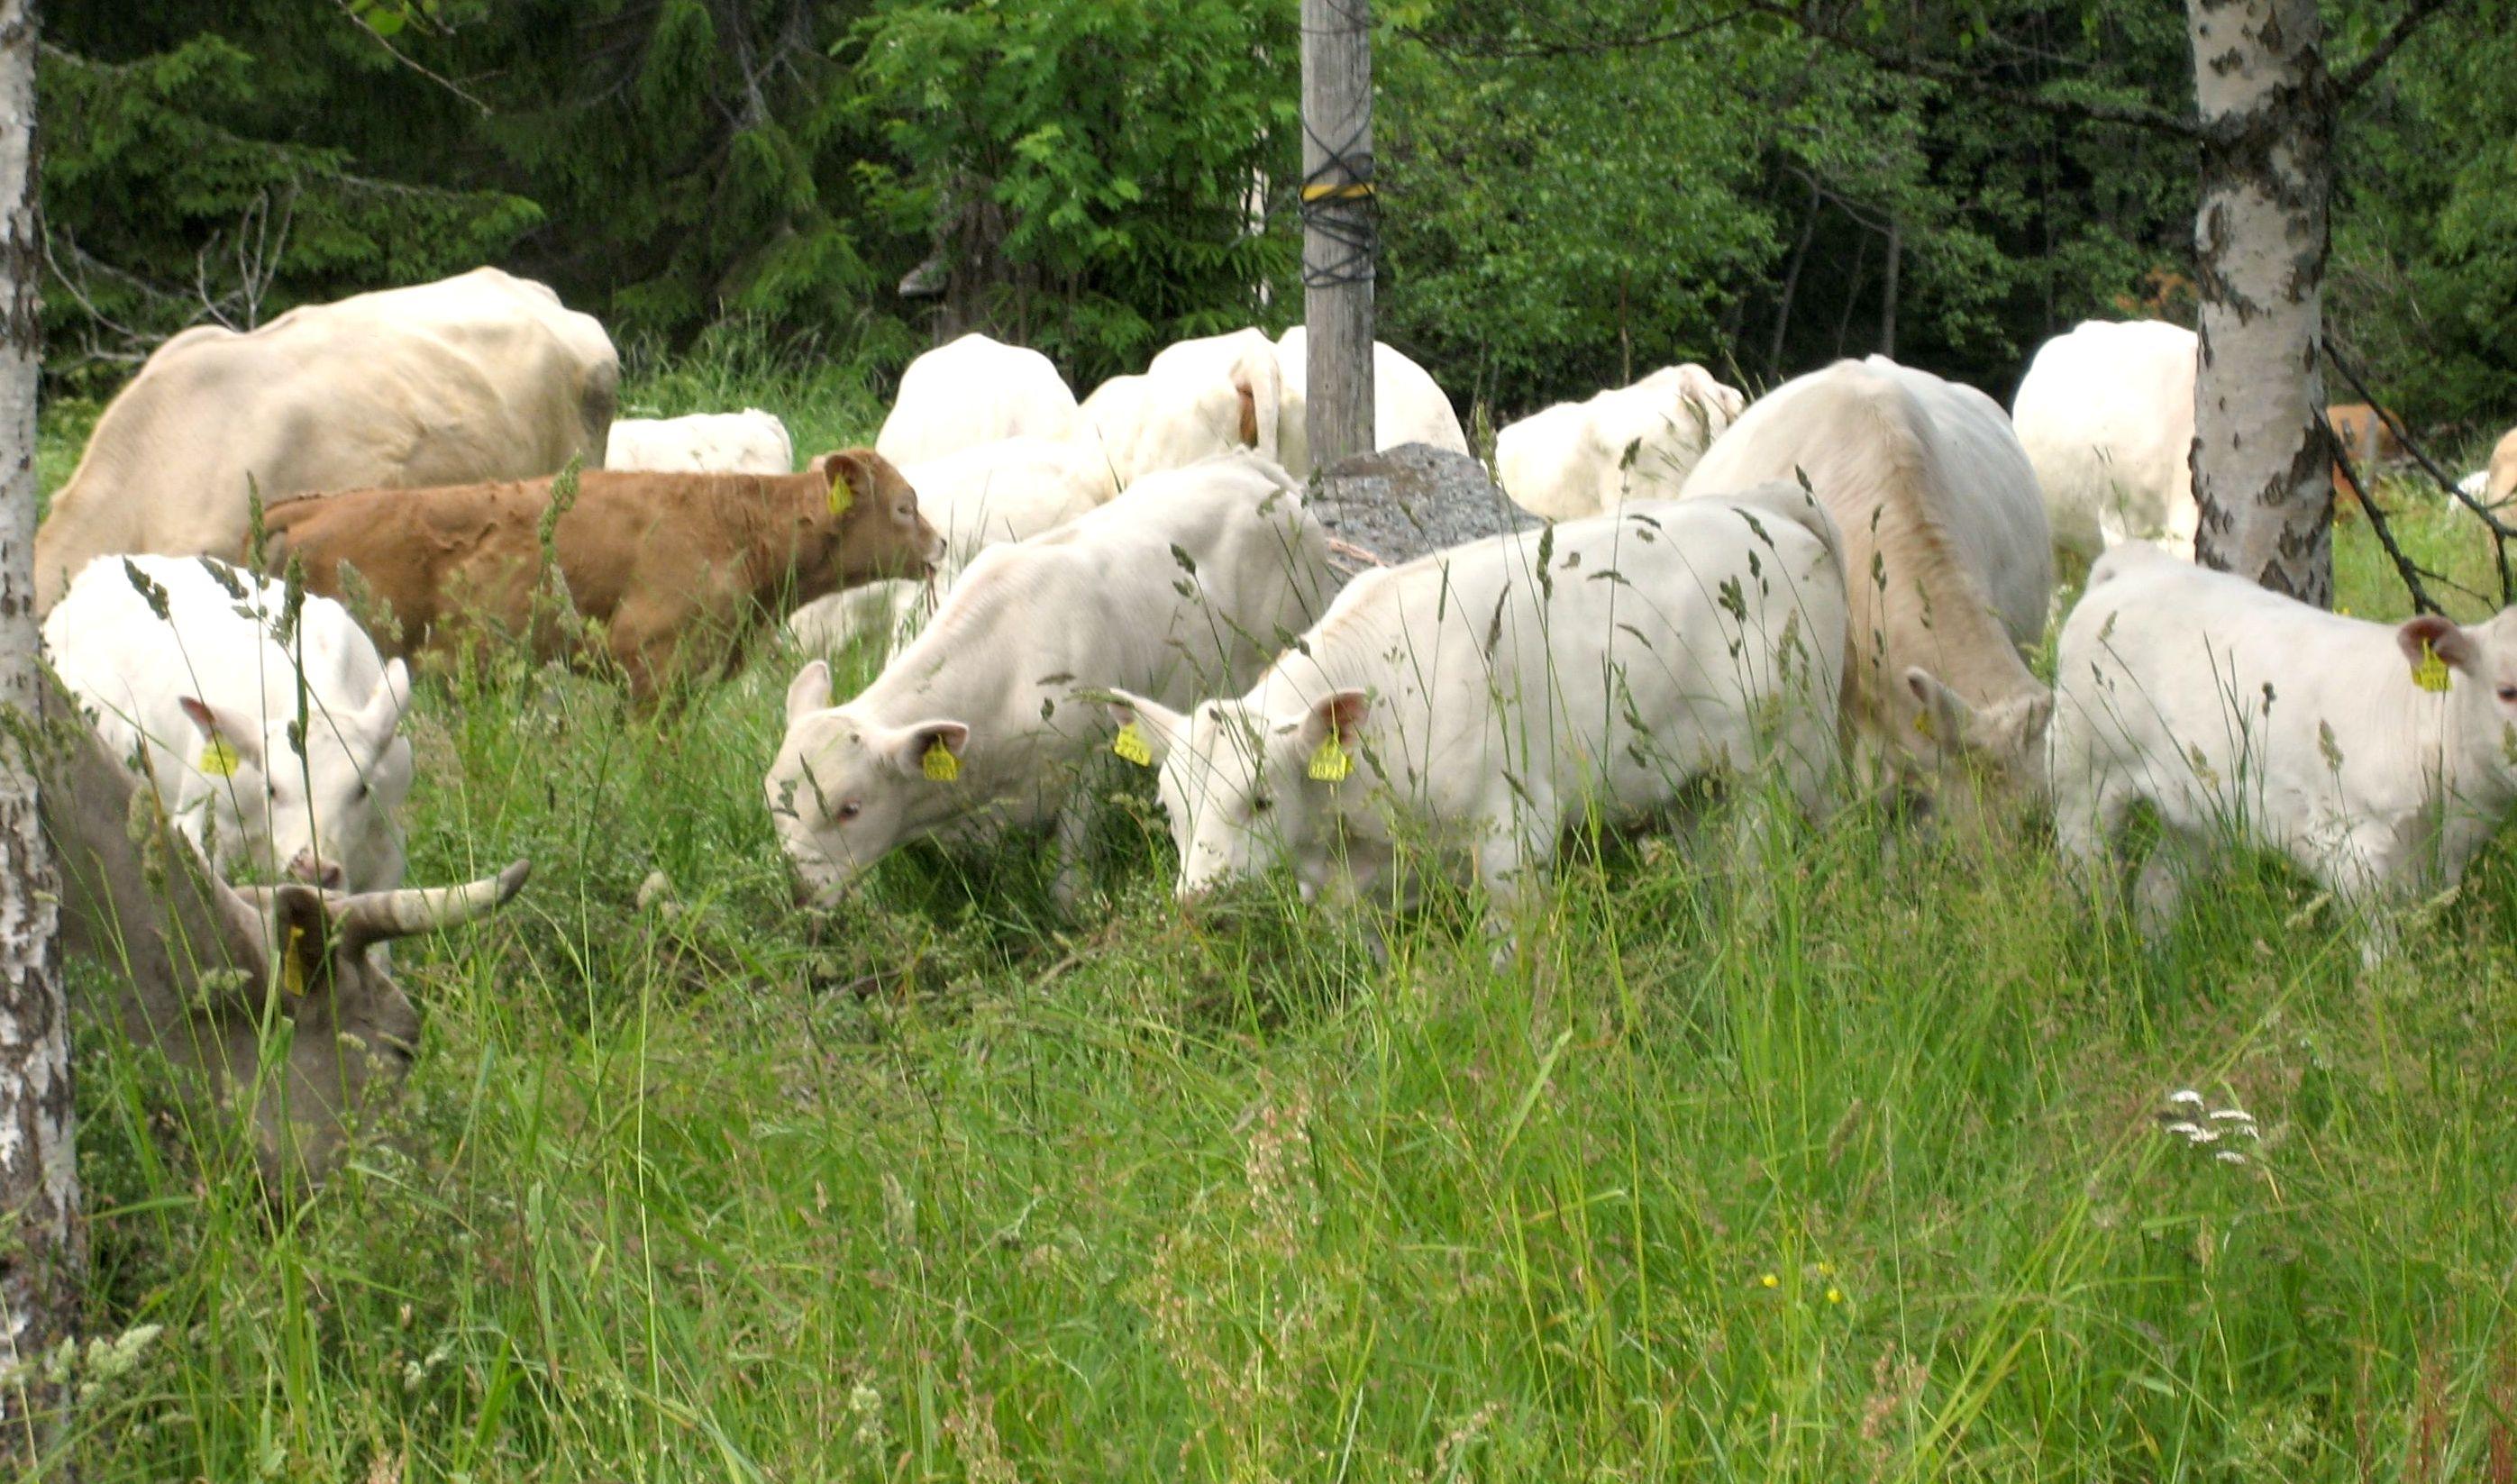 Miten paikallinen lihantuotanto vaikuttaa ekologiseen kestävyyteen? Argumenttipankista löytyy siihenkin vastaus.